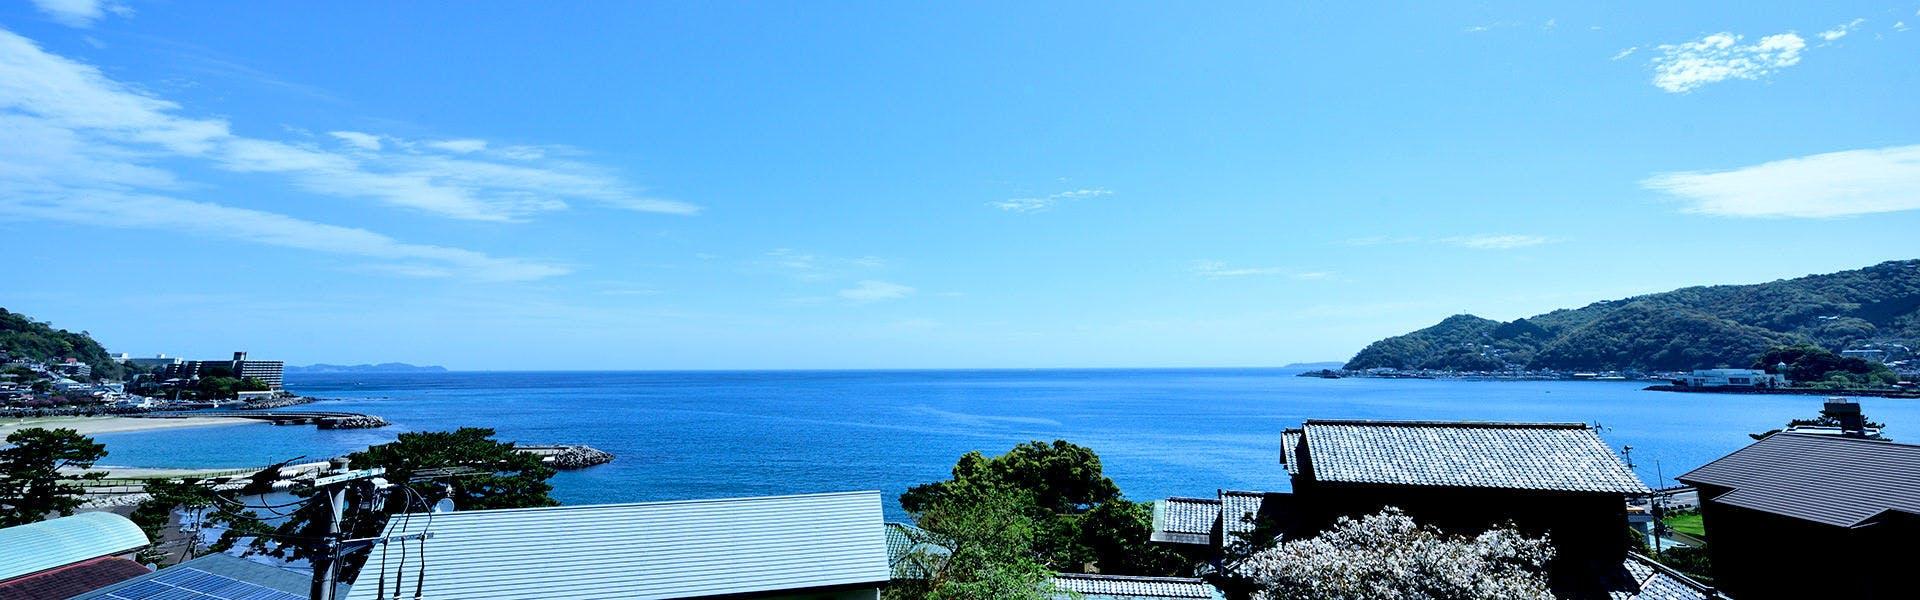 記念日におすすめのホテル・オーベルジュ フォンテーヌ・ブロー熱海の写真2